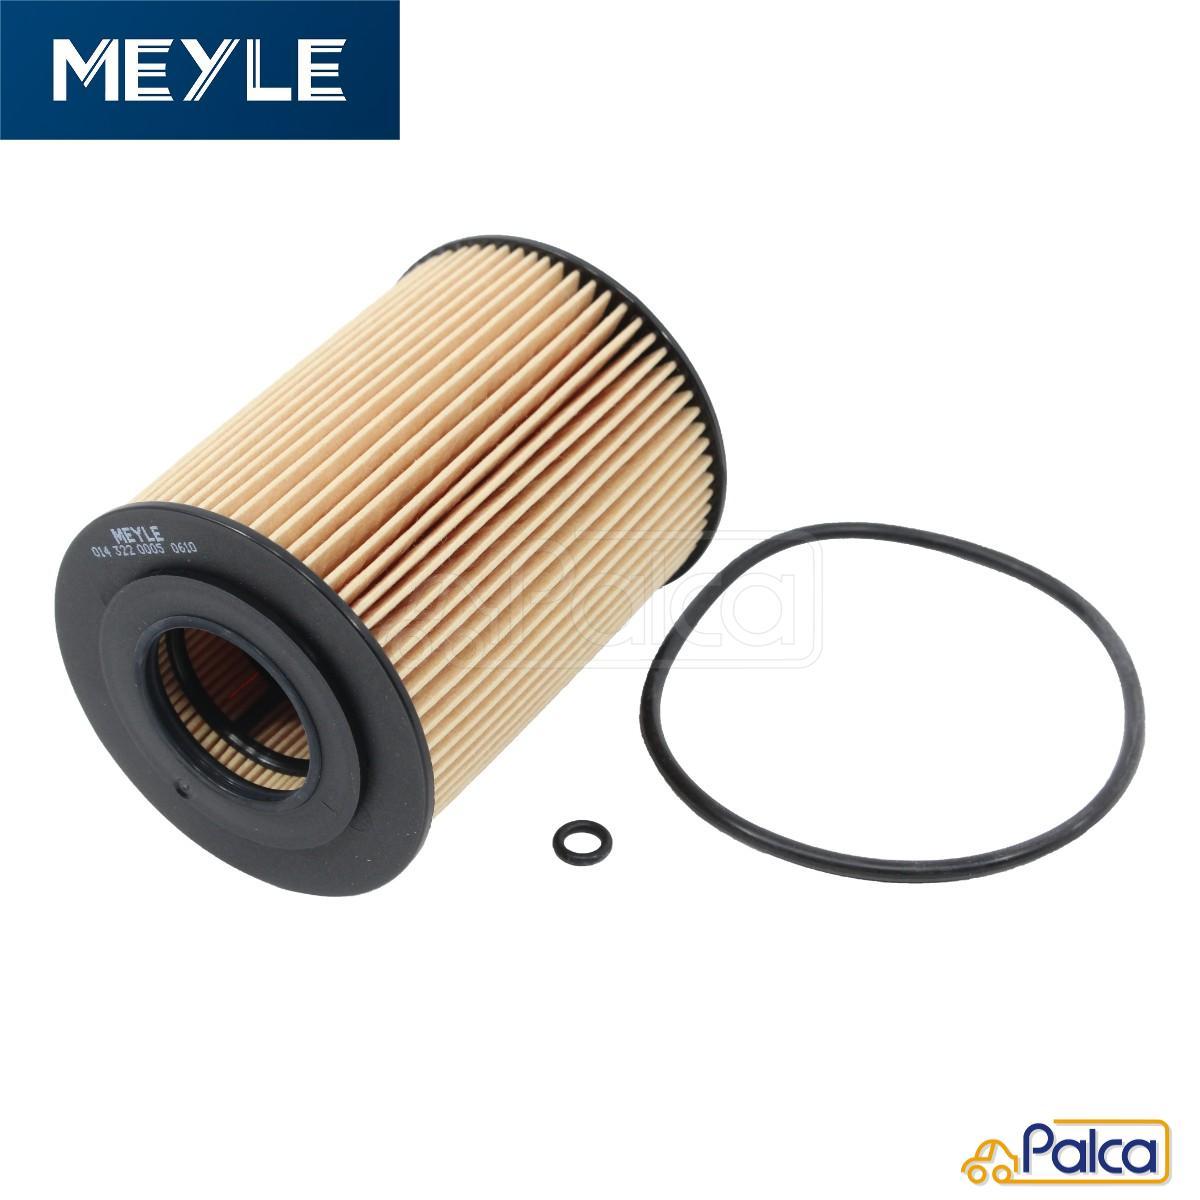 MEYLE製 新品 あす楽 ベンツ オイルフィルター M642 W211 E320CDI W212 S212 アイテム勢ぞろい 格安店 E350Blue 6421800009 G280CDI G300CDI R350Blue ML350Blue W461 W463 W164 W251 G350Blue